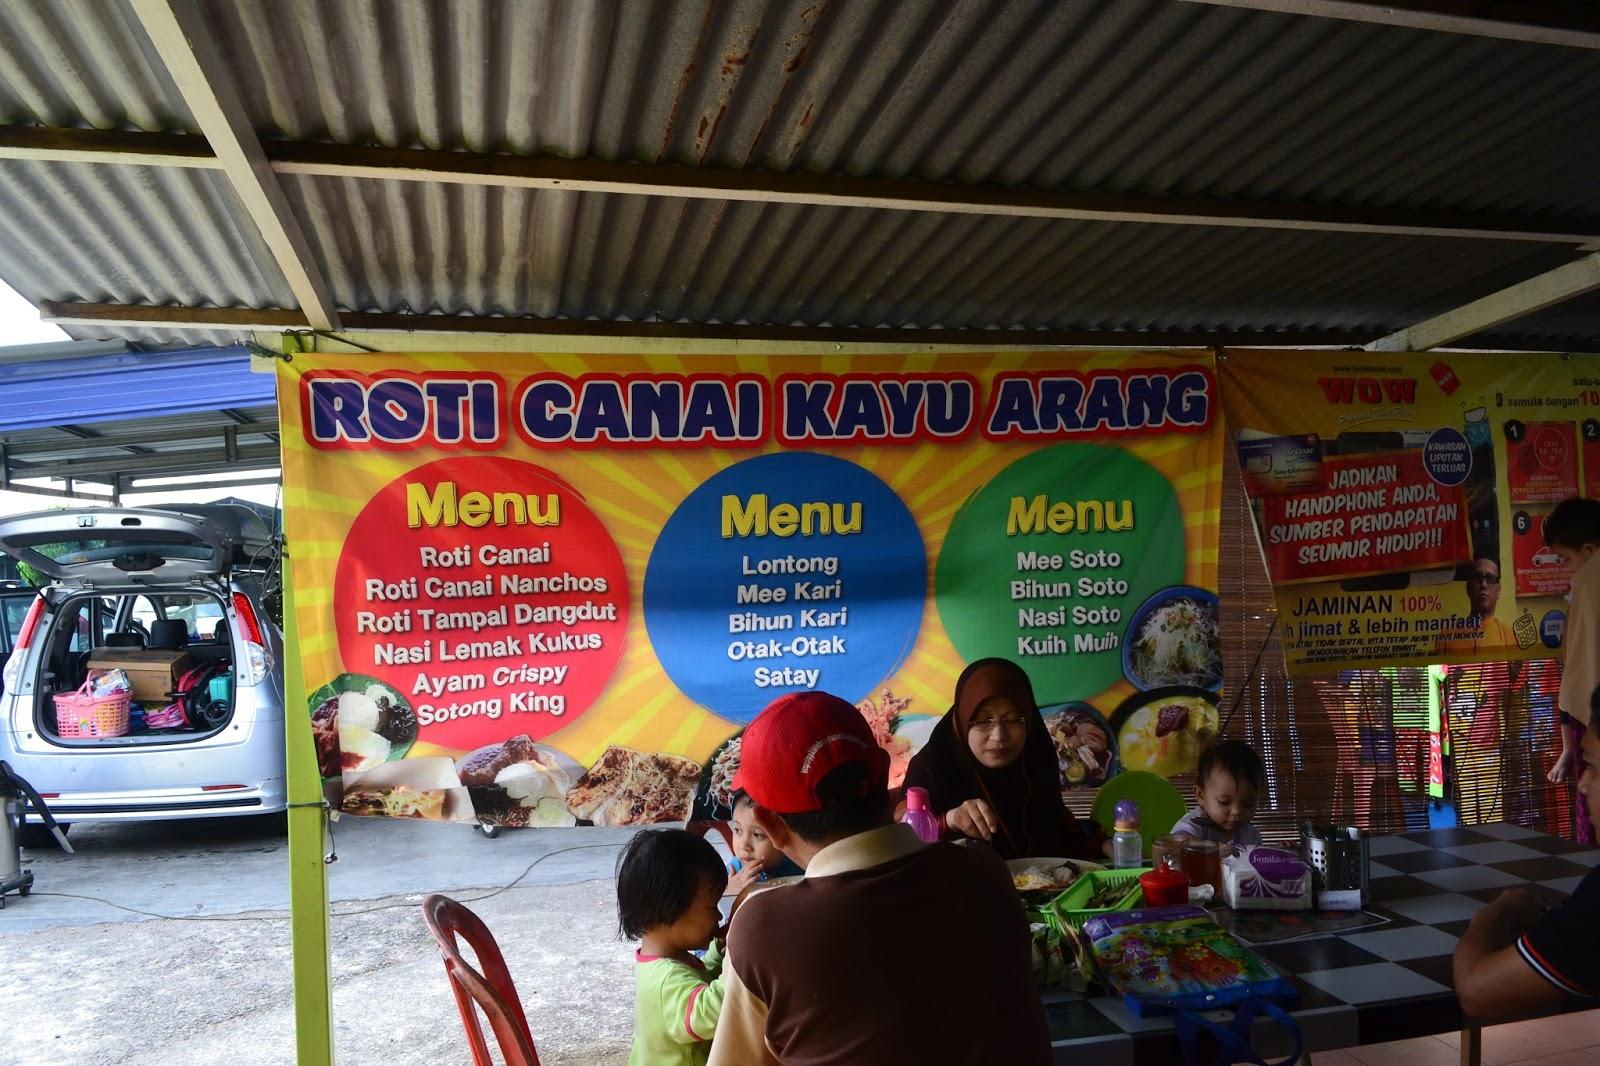 Kami Sampai Kedai Makan Roti Canai Kayu Arang Di Bachang Macam Biasa Waze Banyak Bantu Sepanjang Melaka Mula2 Pelik Jugak